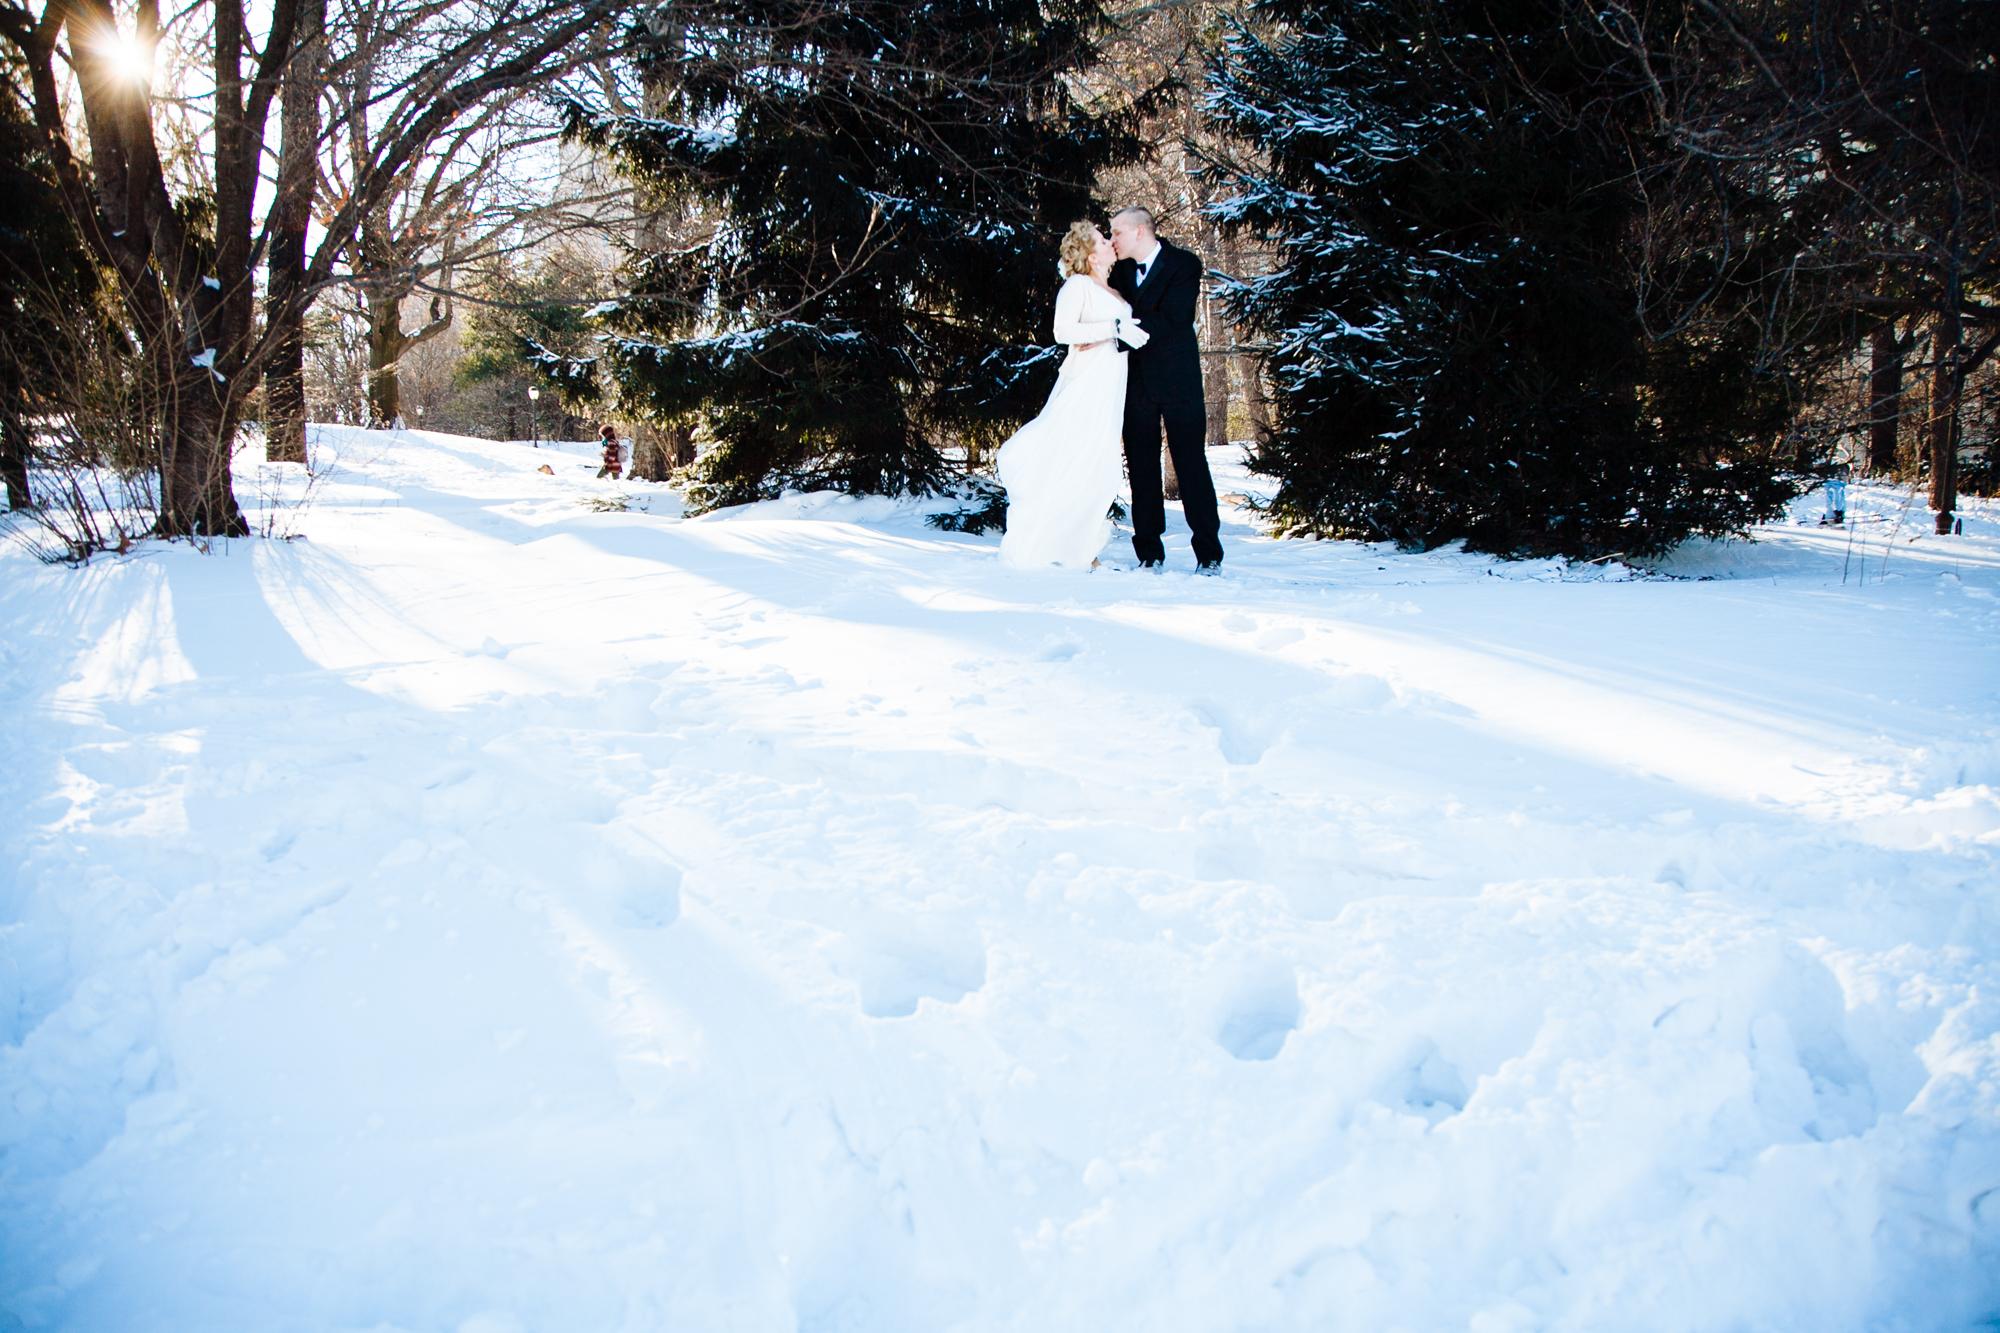 HeatherPhelpsLipton-Modern-WeddingPhotography-GreenBuilding-winter-prospectpark-11.jpg